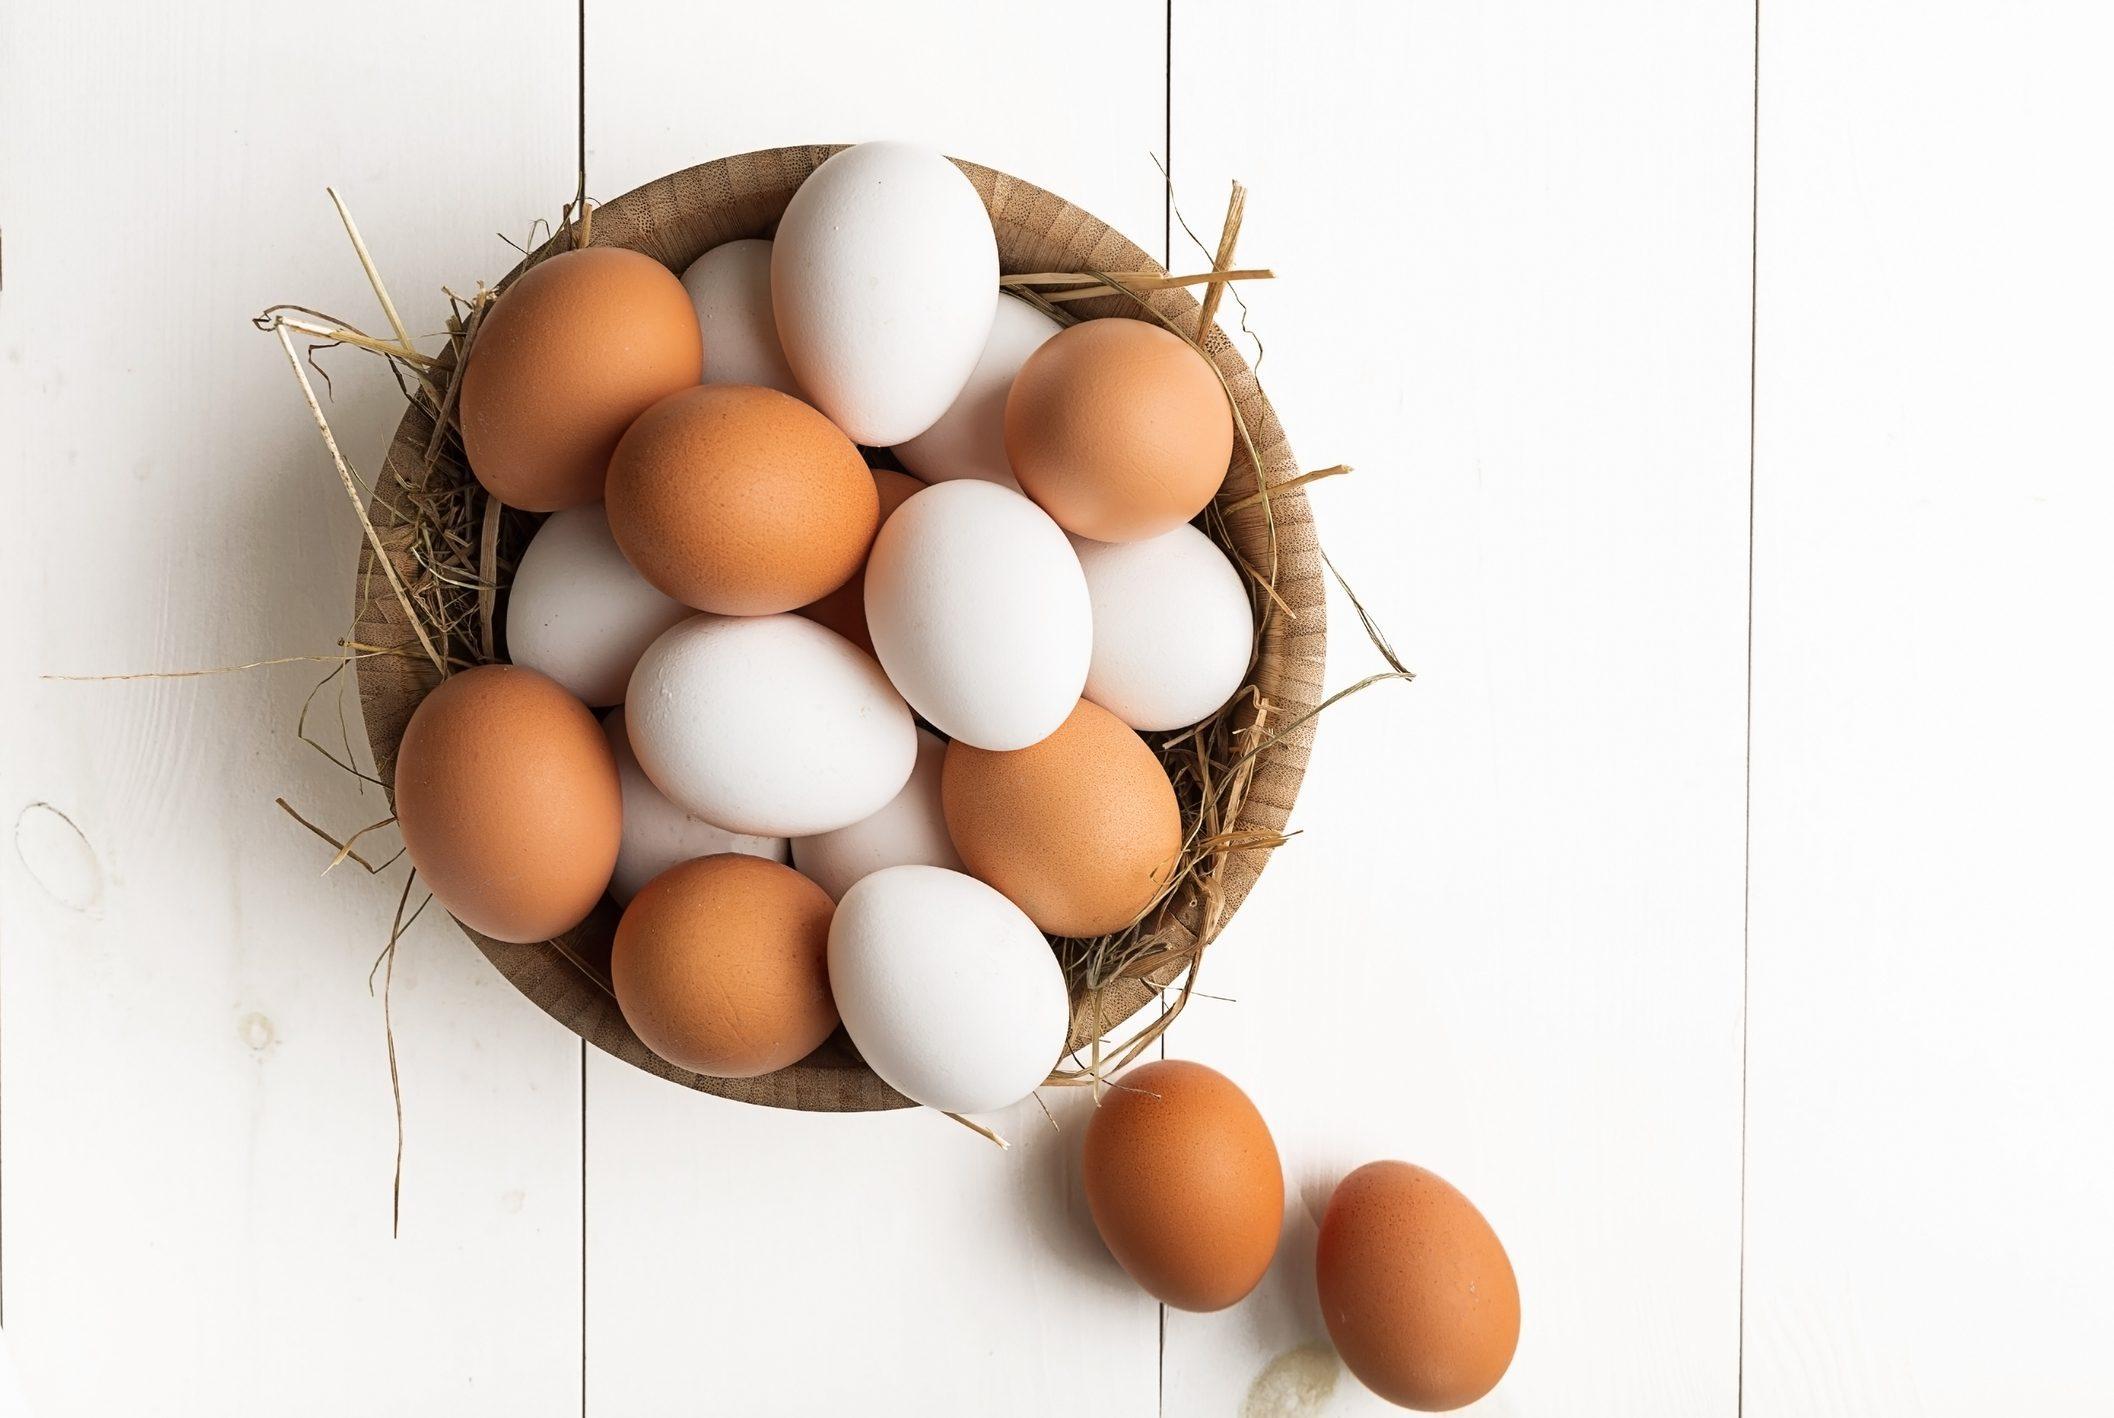 Falsi miti sulla uova: 6 credenze da sfatare